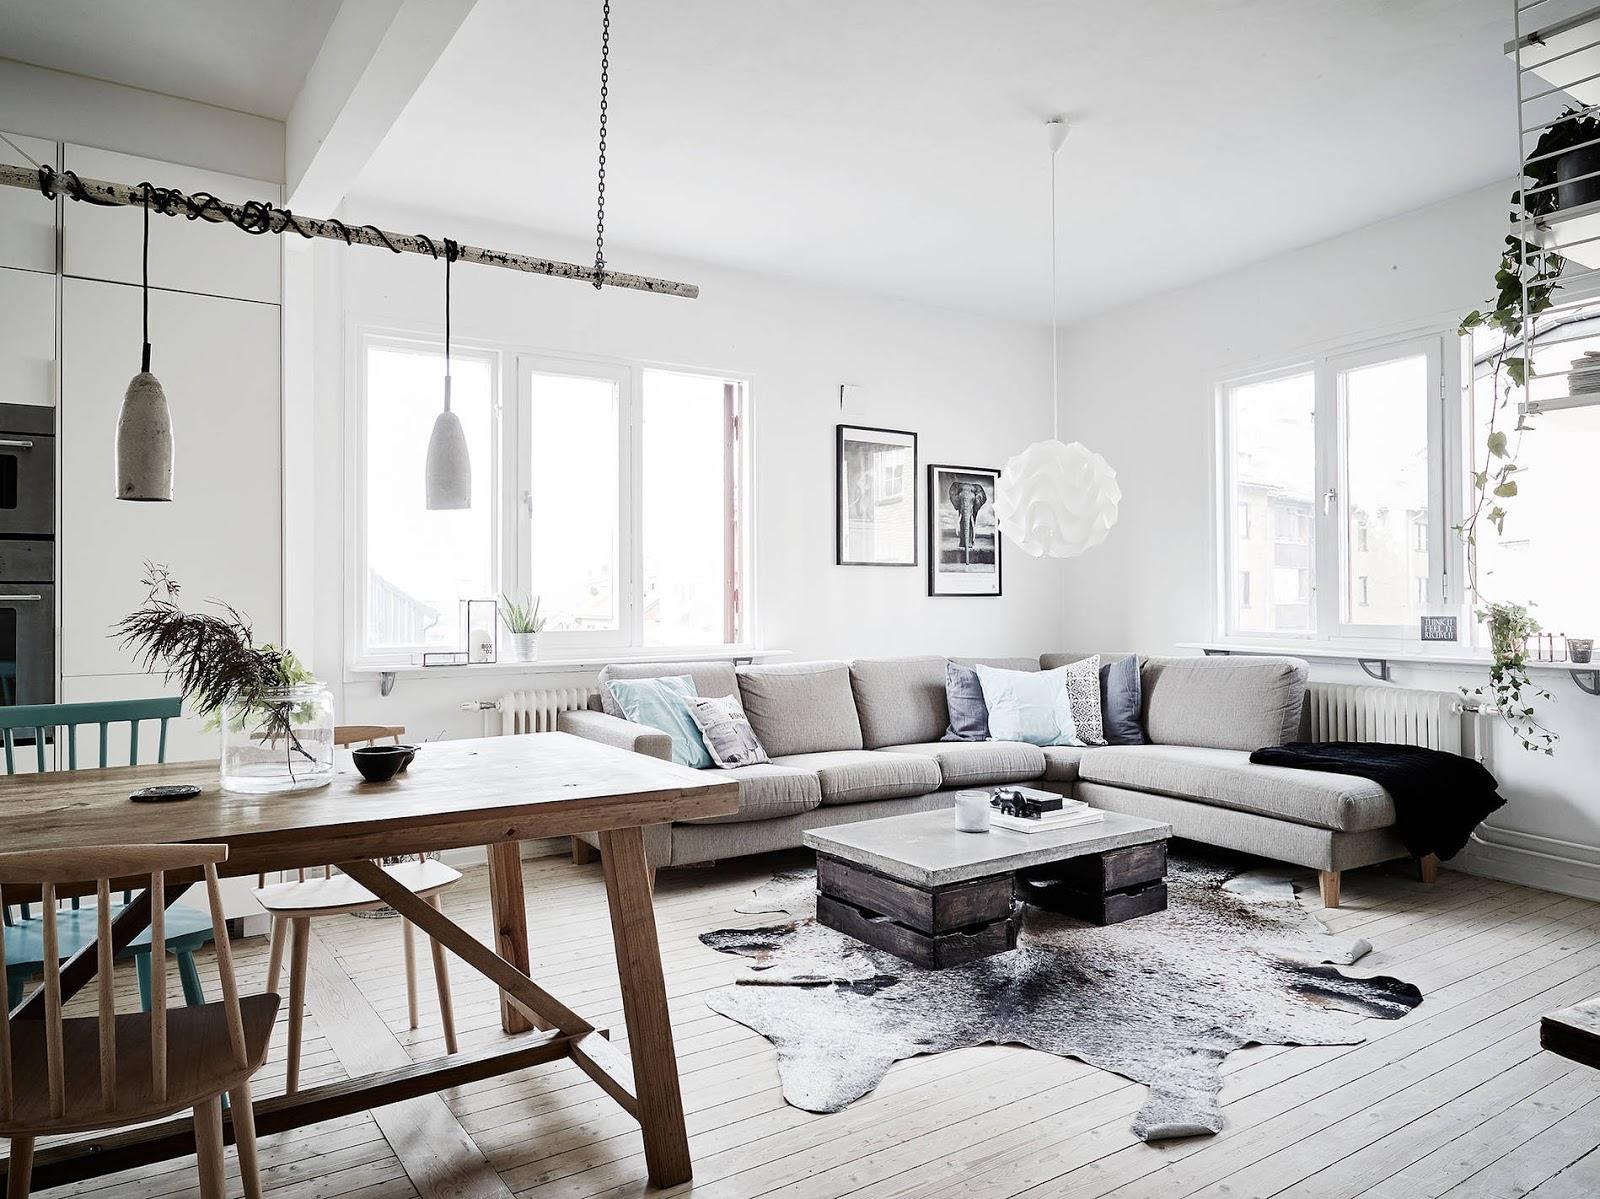 miętowe krzesło, niebieskie krzesło, turkusowe krzesło biała kuchnia